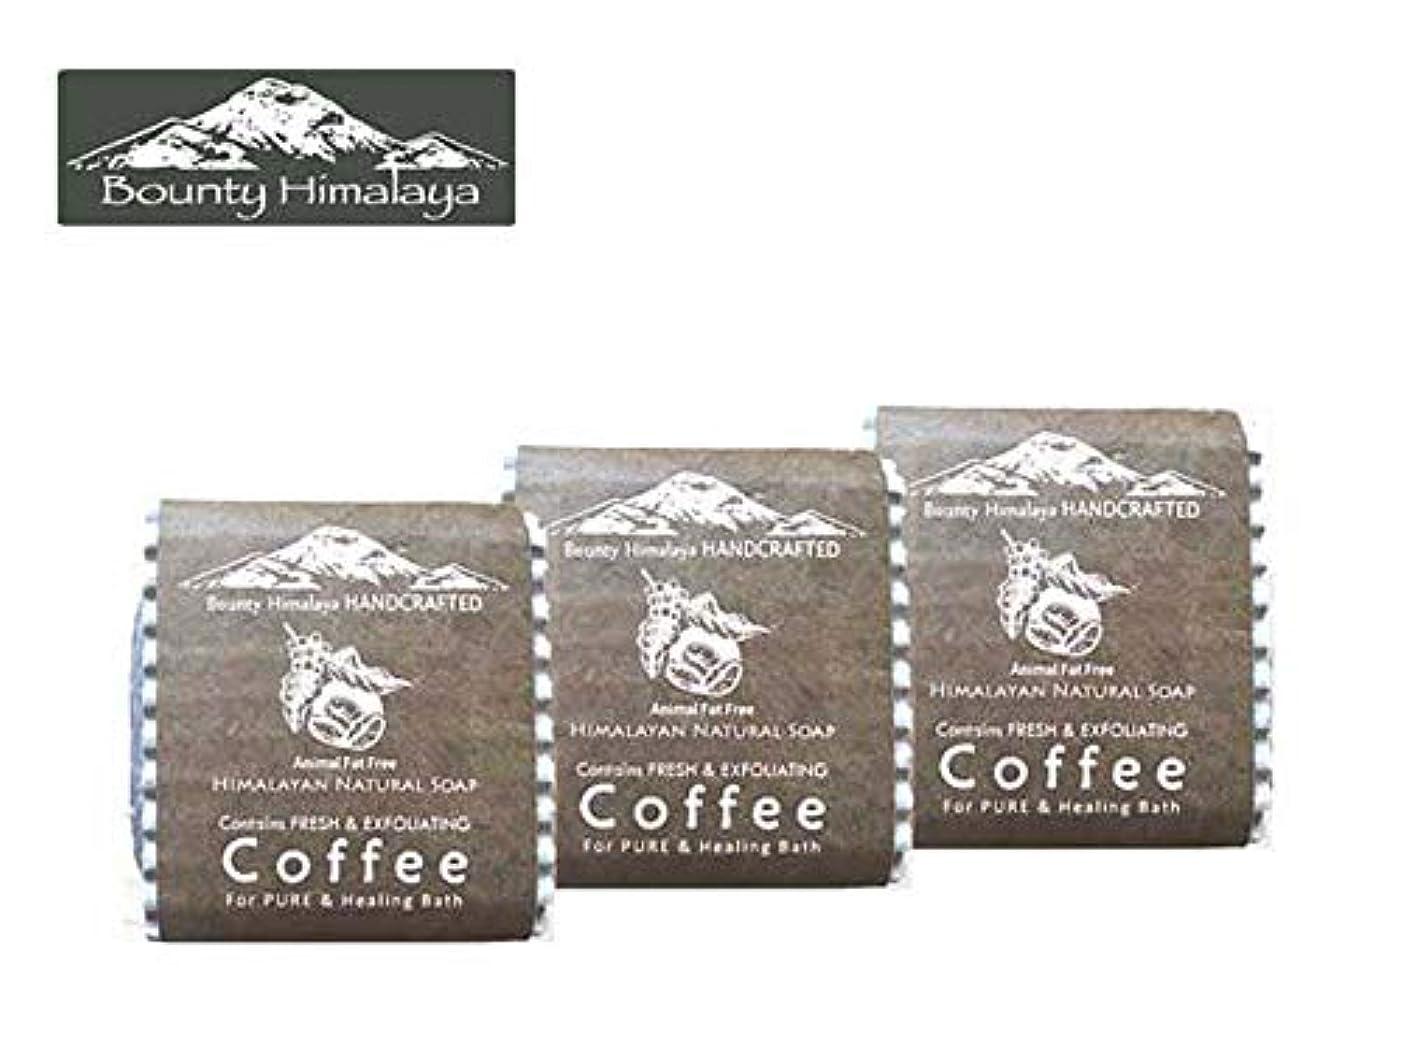 エゴイズムハブトラクターアーユルヴェーダ ヒマラヤ コーヒー ソープ3セット Bounty Himalaya Coffee SOAP(NEPAL AYURVEDA) 100g